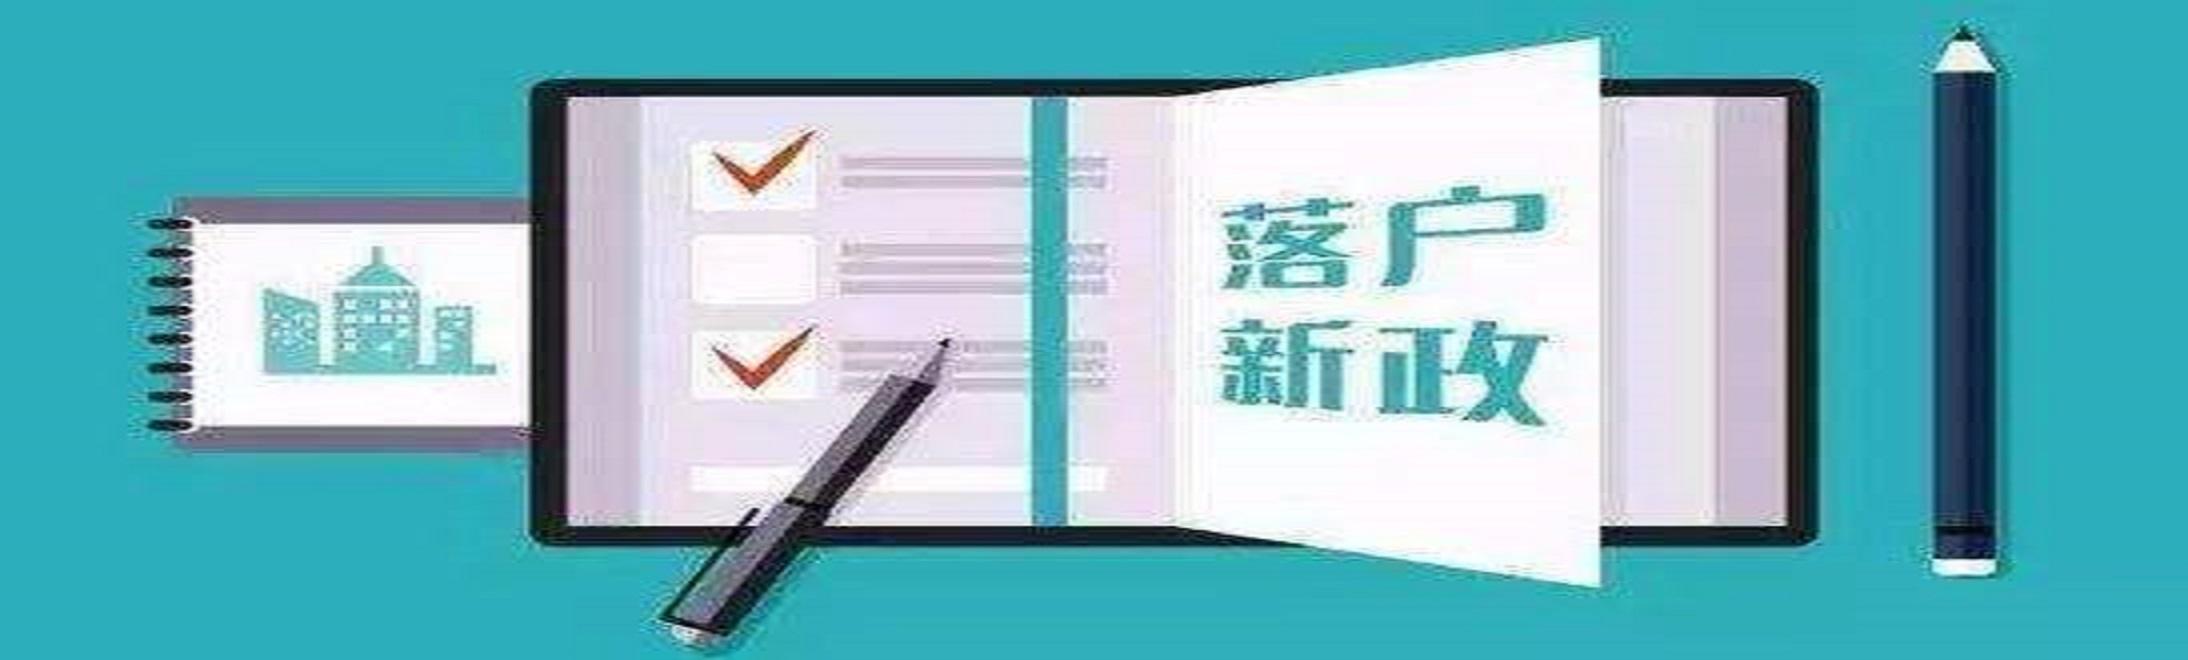 优酷路由宝怎么赚钱:摩根士丹利:施政报告楼市政策有利香港地产股